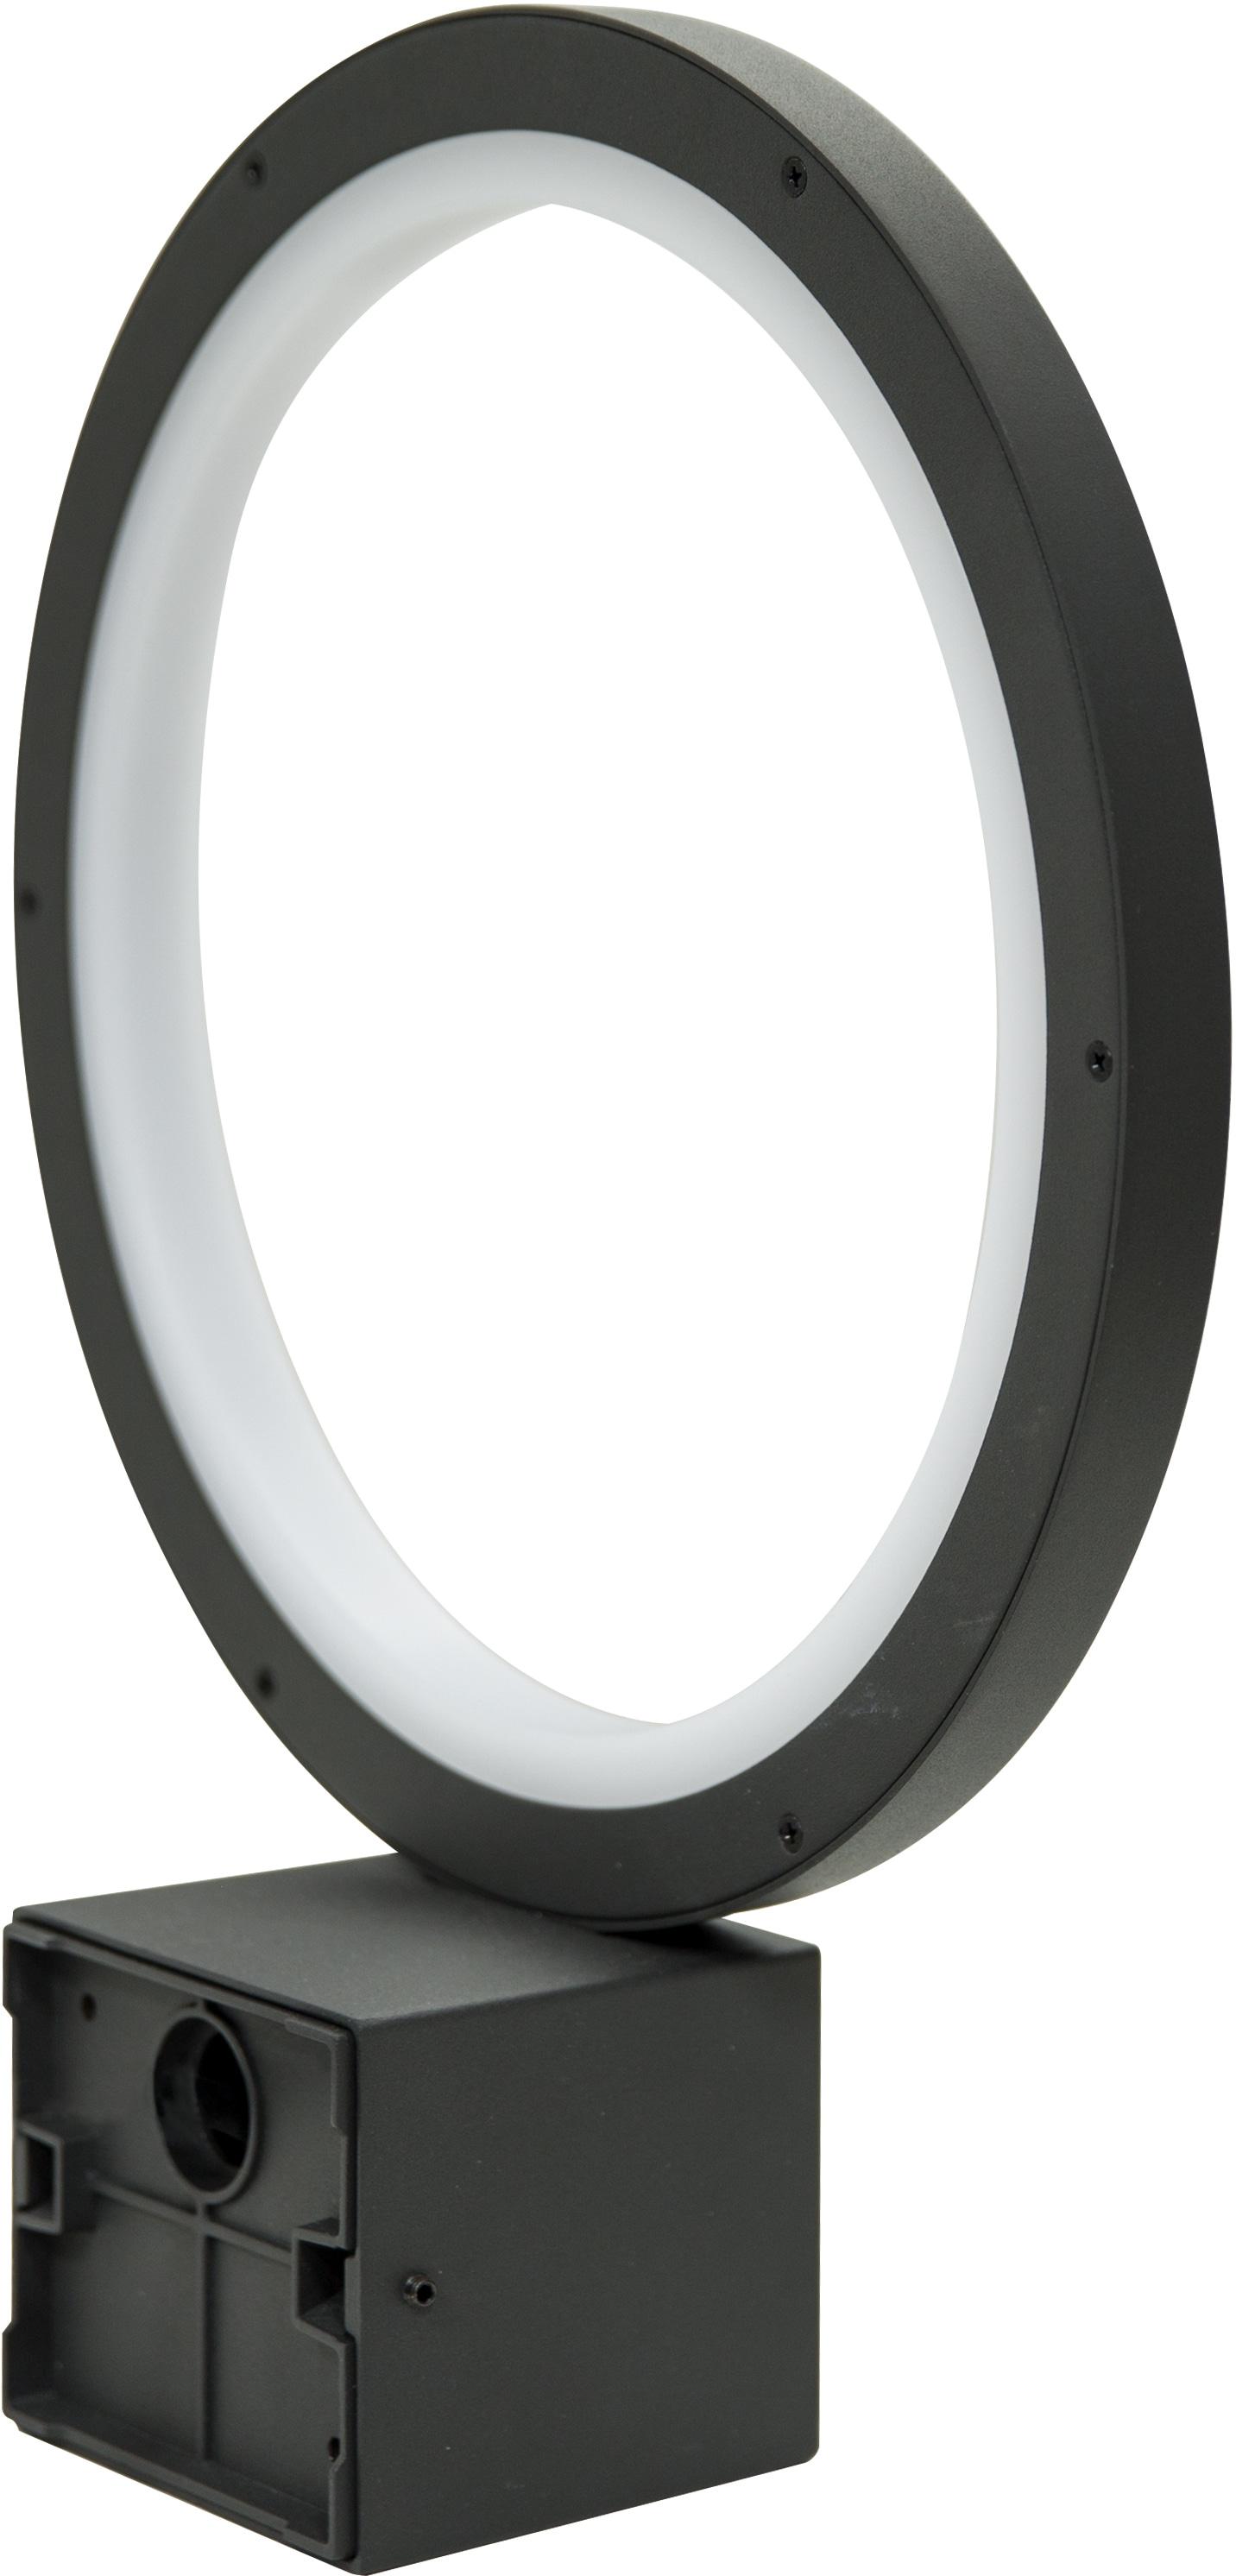 HEITRONIC LED Wandleuchte Kaleo, LED-Modul, 1 St., Warmweiß, Rundherum eine gleichmäßige Lichtverteilung